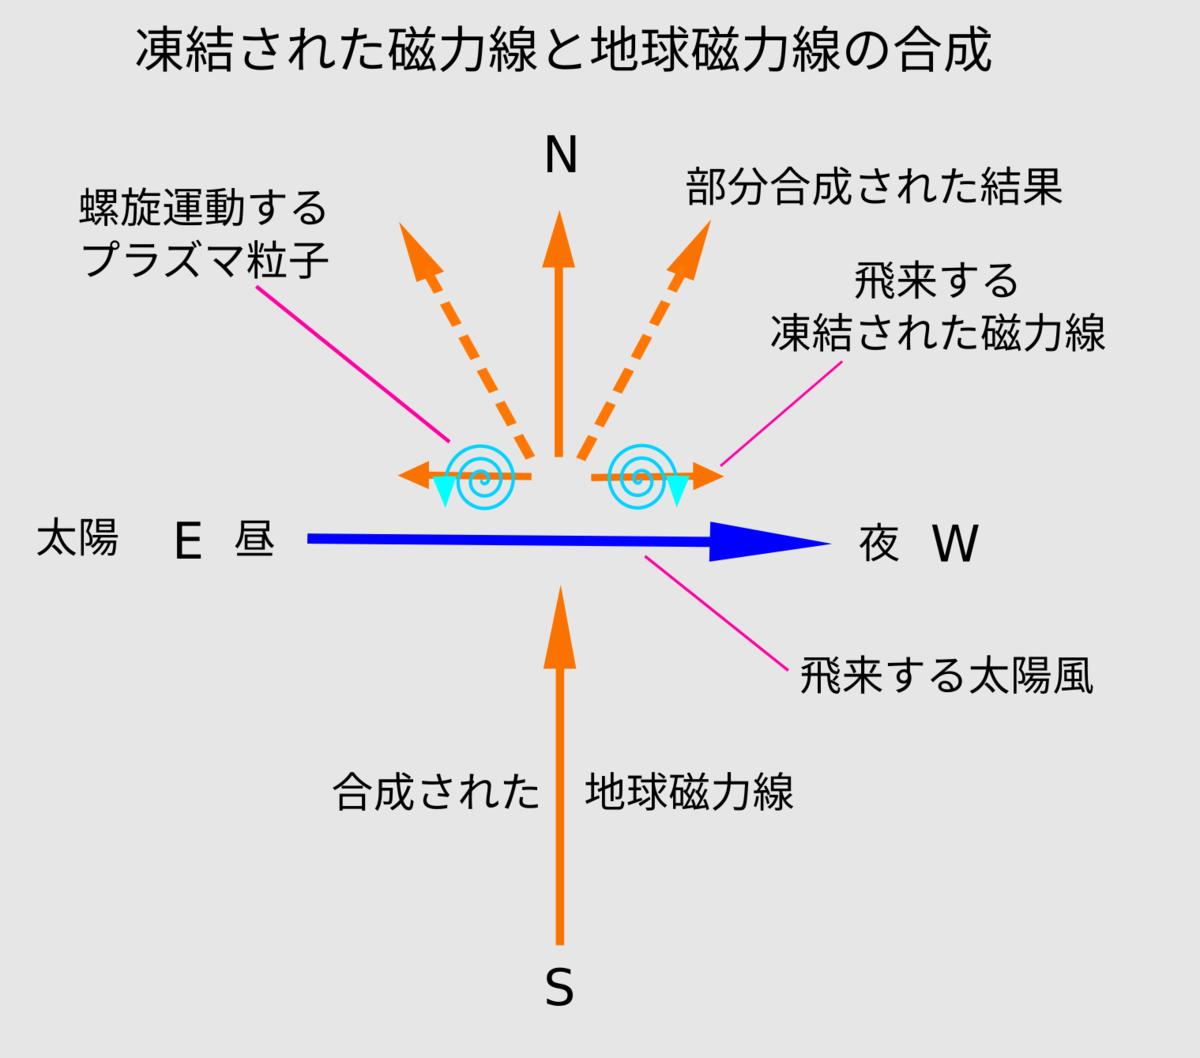 f:id:yoshihide-sugiura:20210505111237p:plain